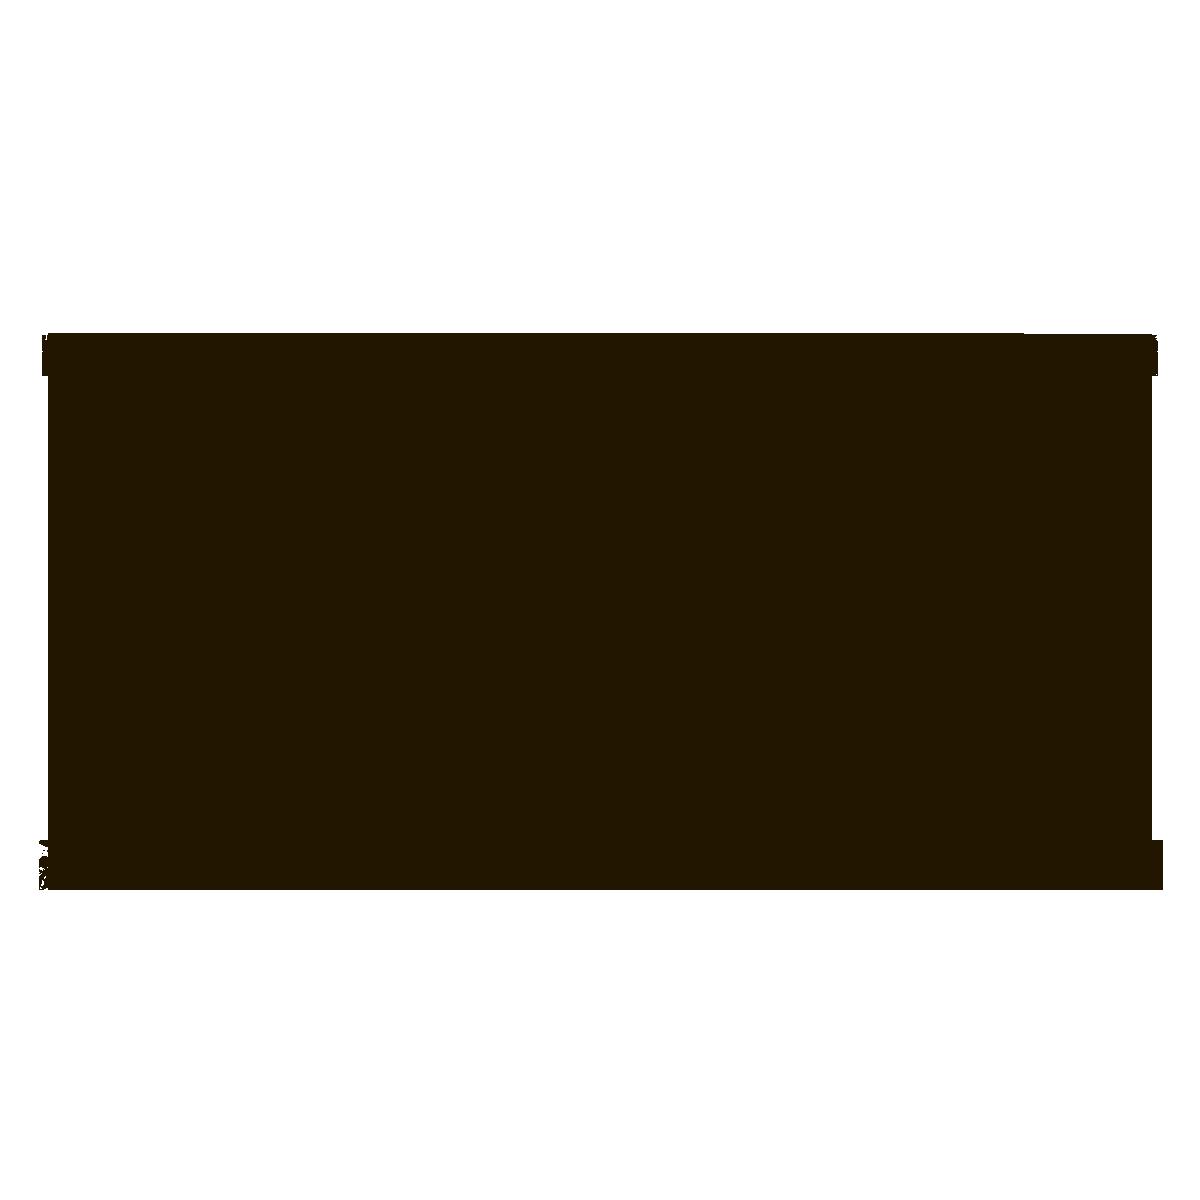 Symbol-allamar.png